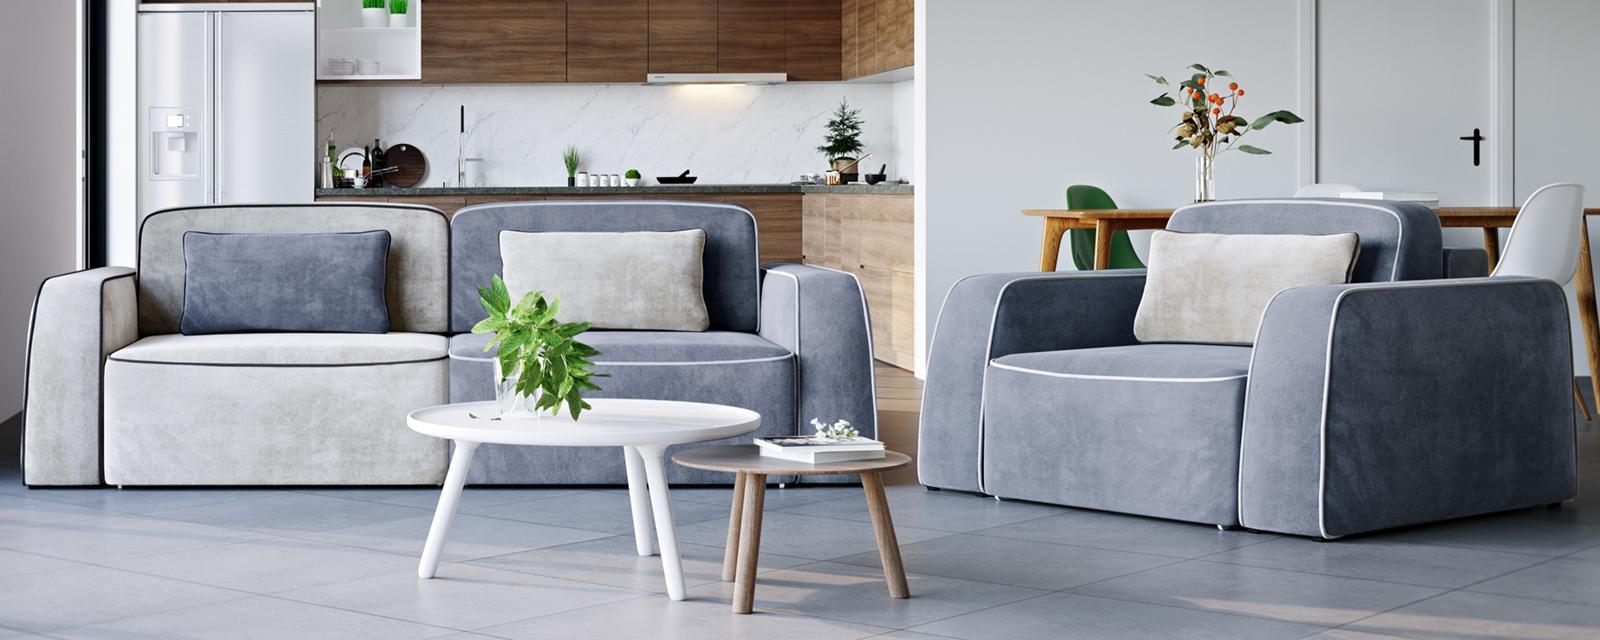 Кресло тканевое Портленд 100 см Velutto серый/бежевый (Велюр) от HomeMe.ru